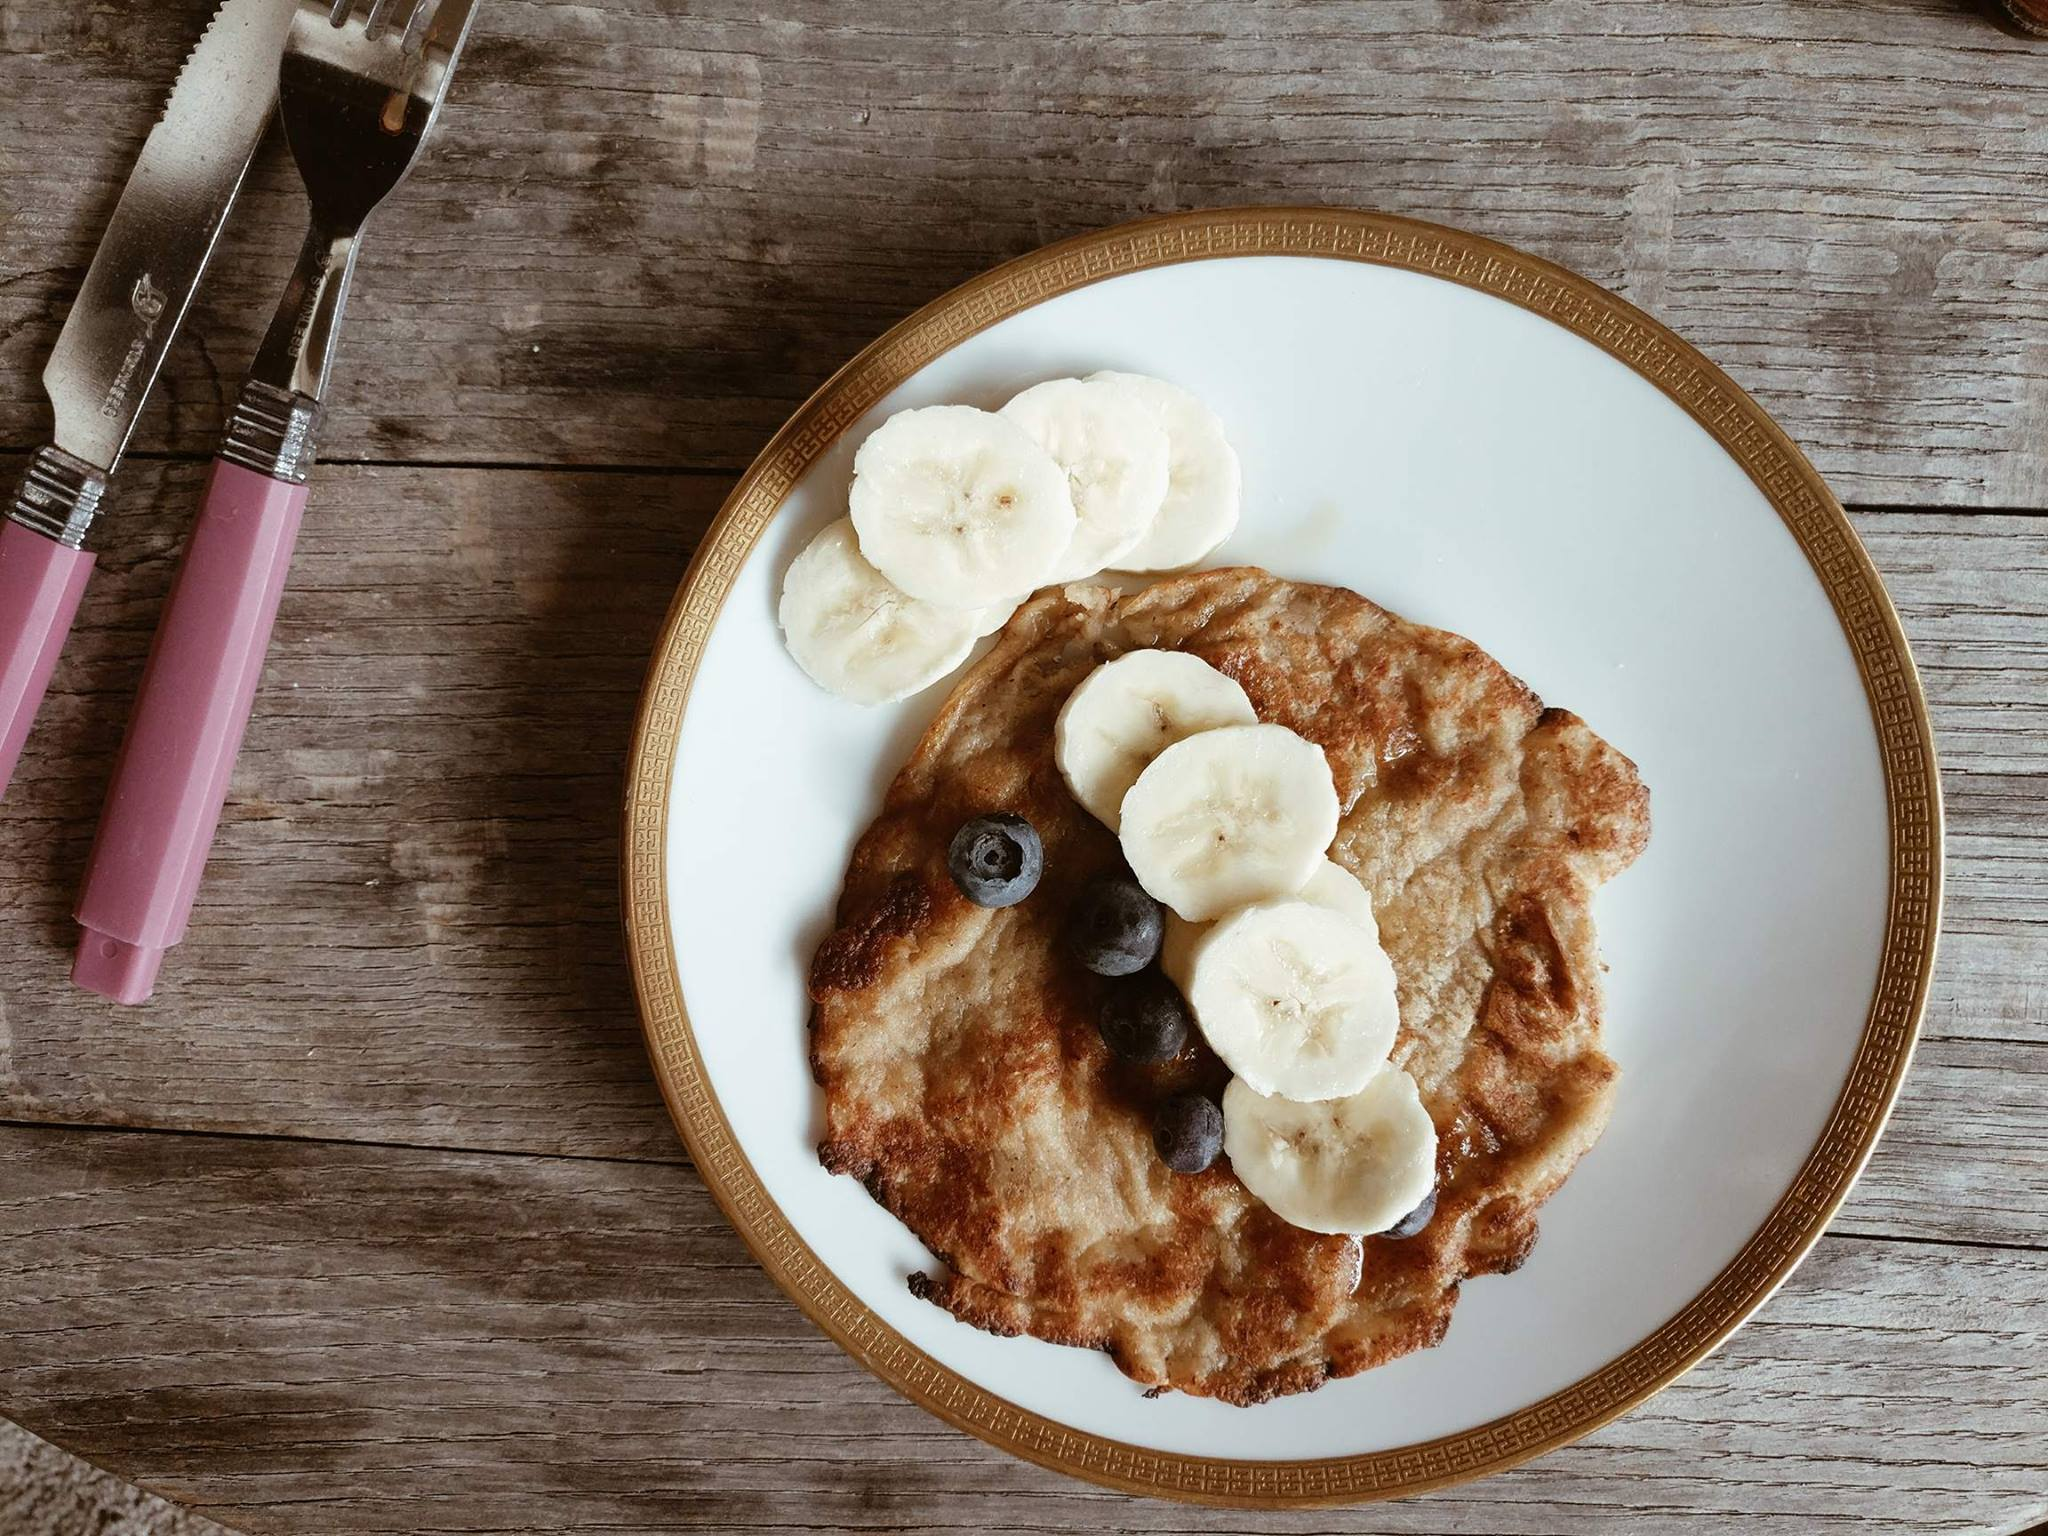 Havermout-banaanpannenkoeken zijn heerlijk als stevig ontbijt om de dag in te zetten!